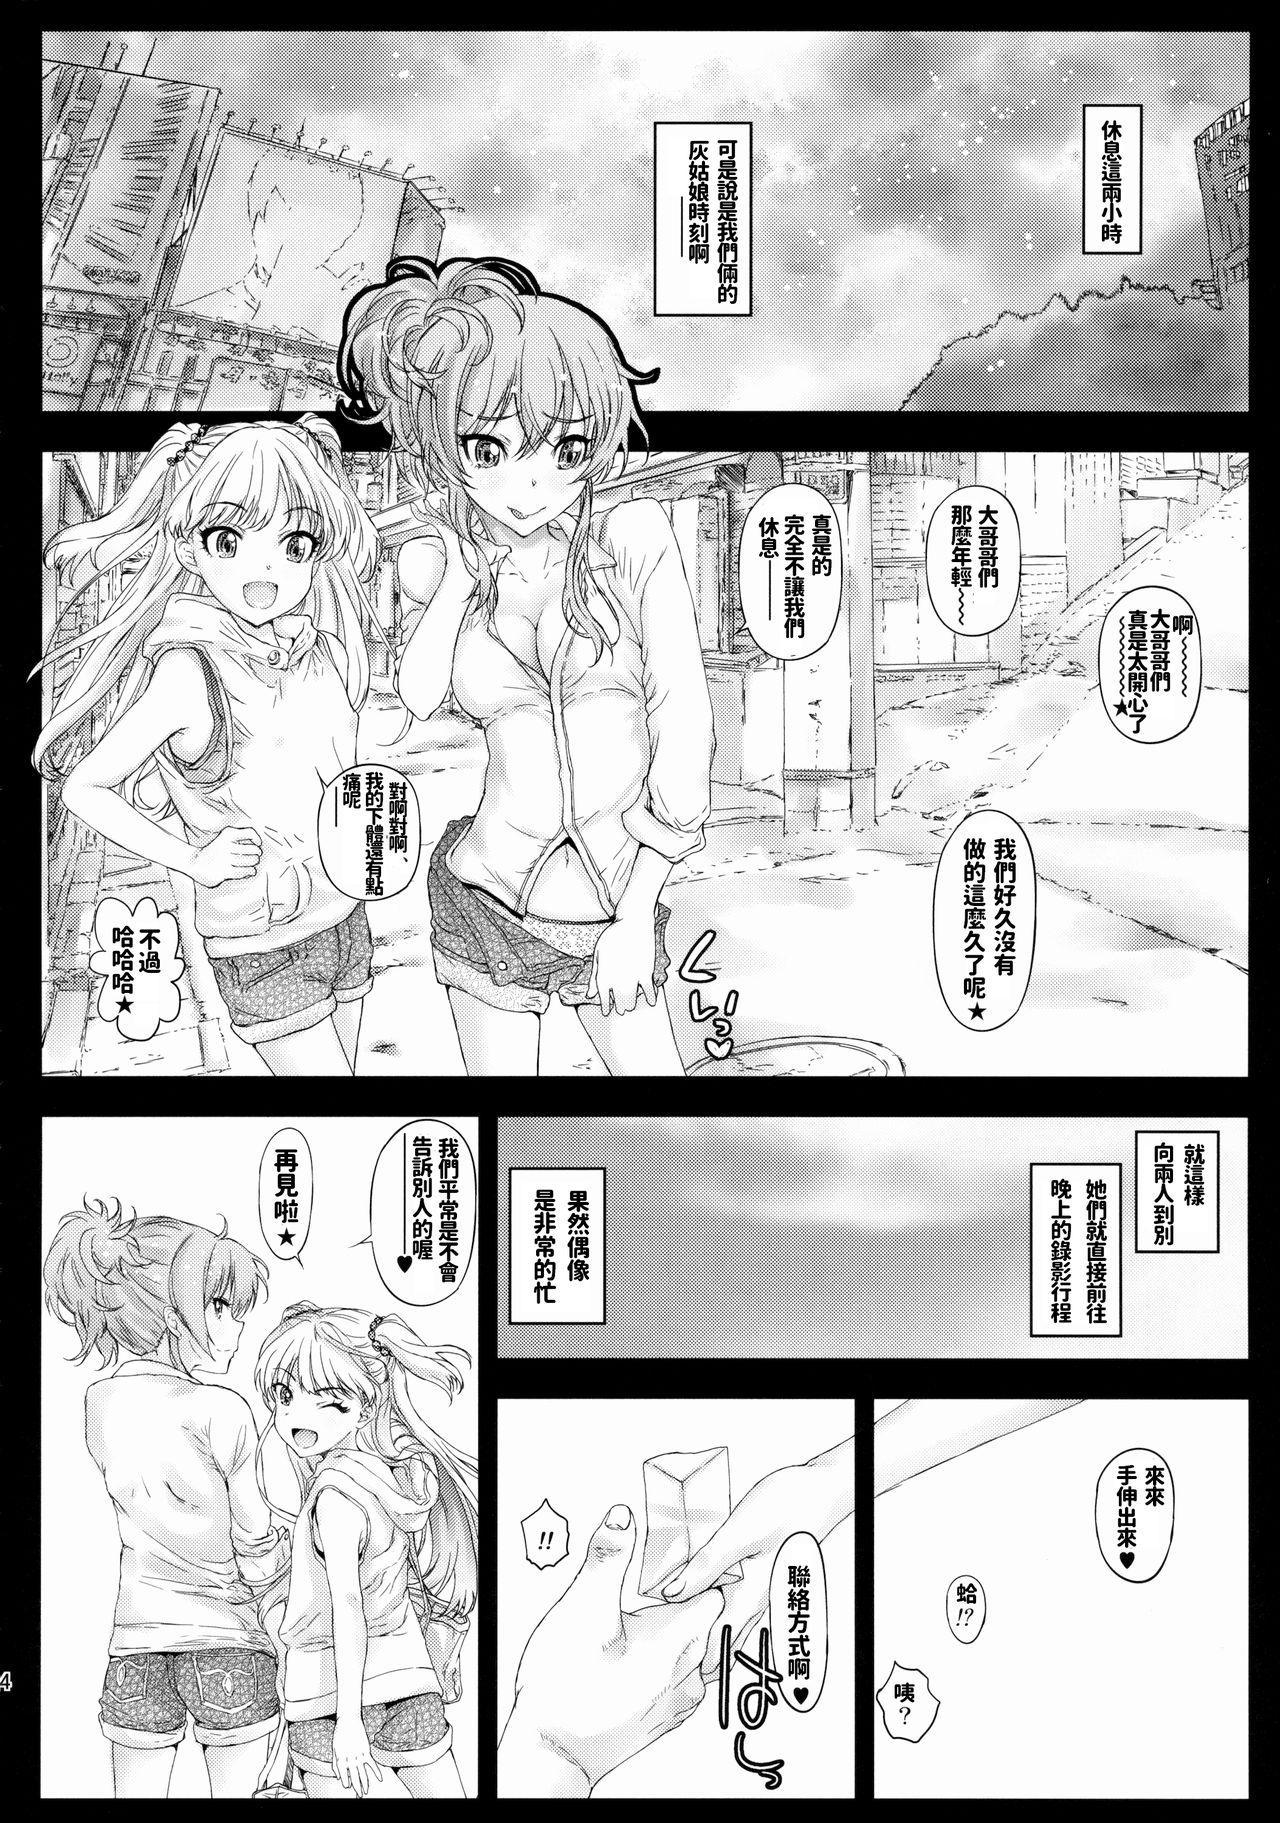 Uchira no Donna Tokoro ni Doki Doki Suru? 22